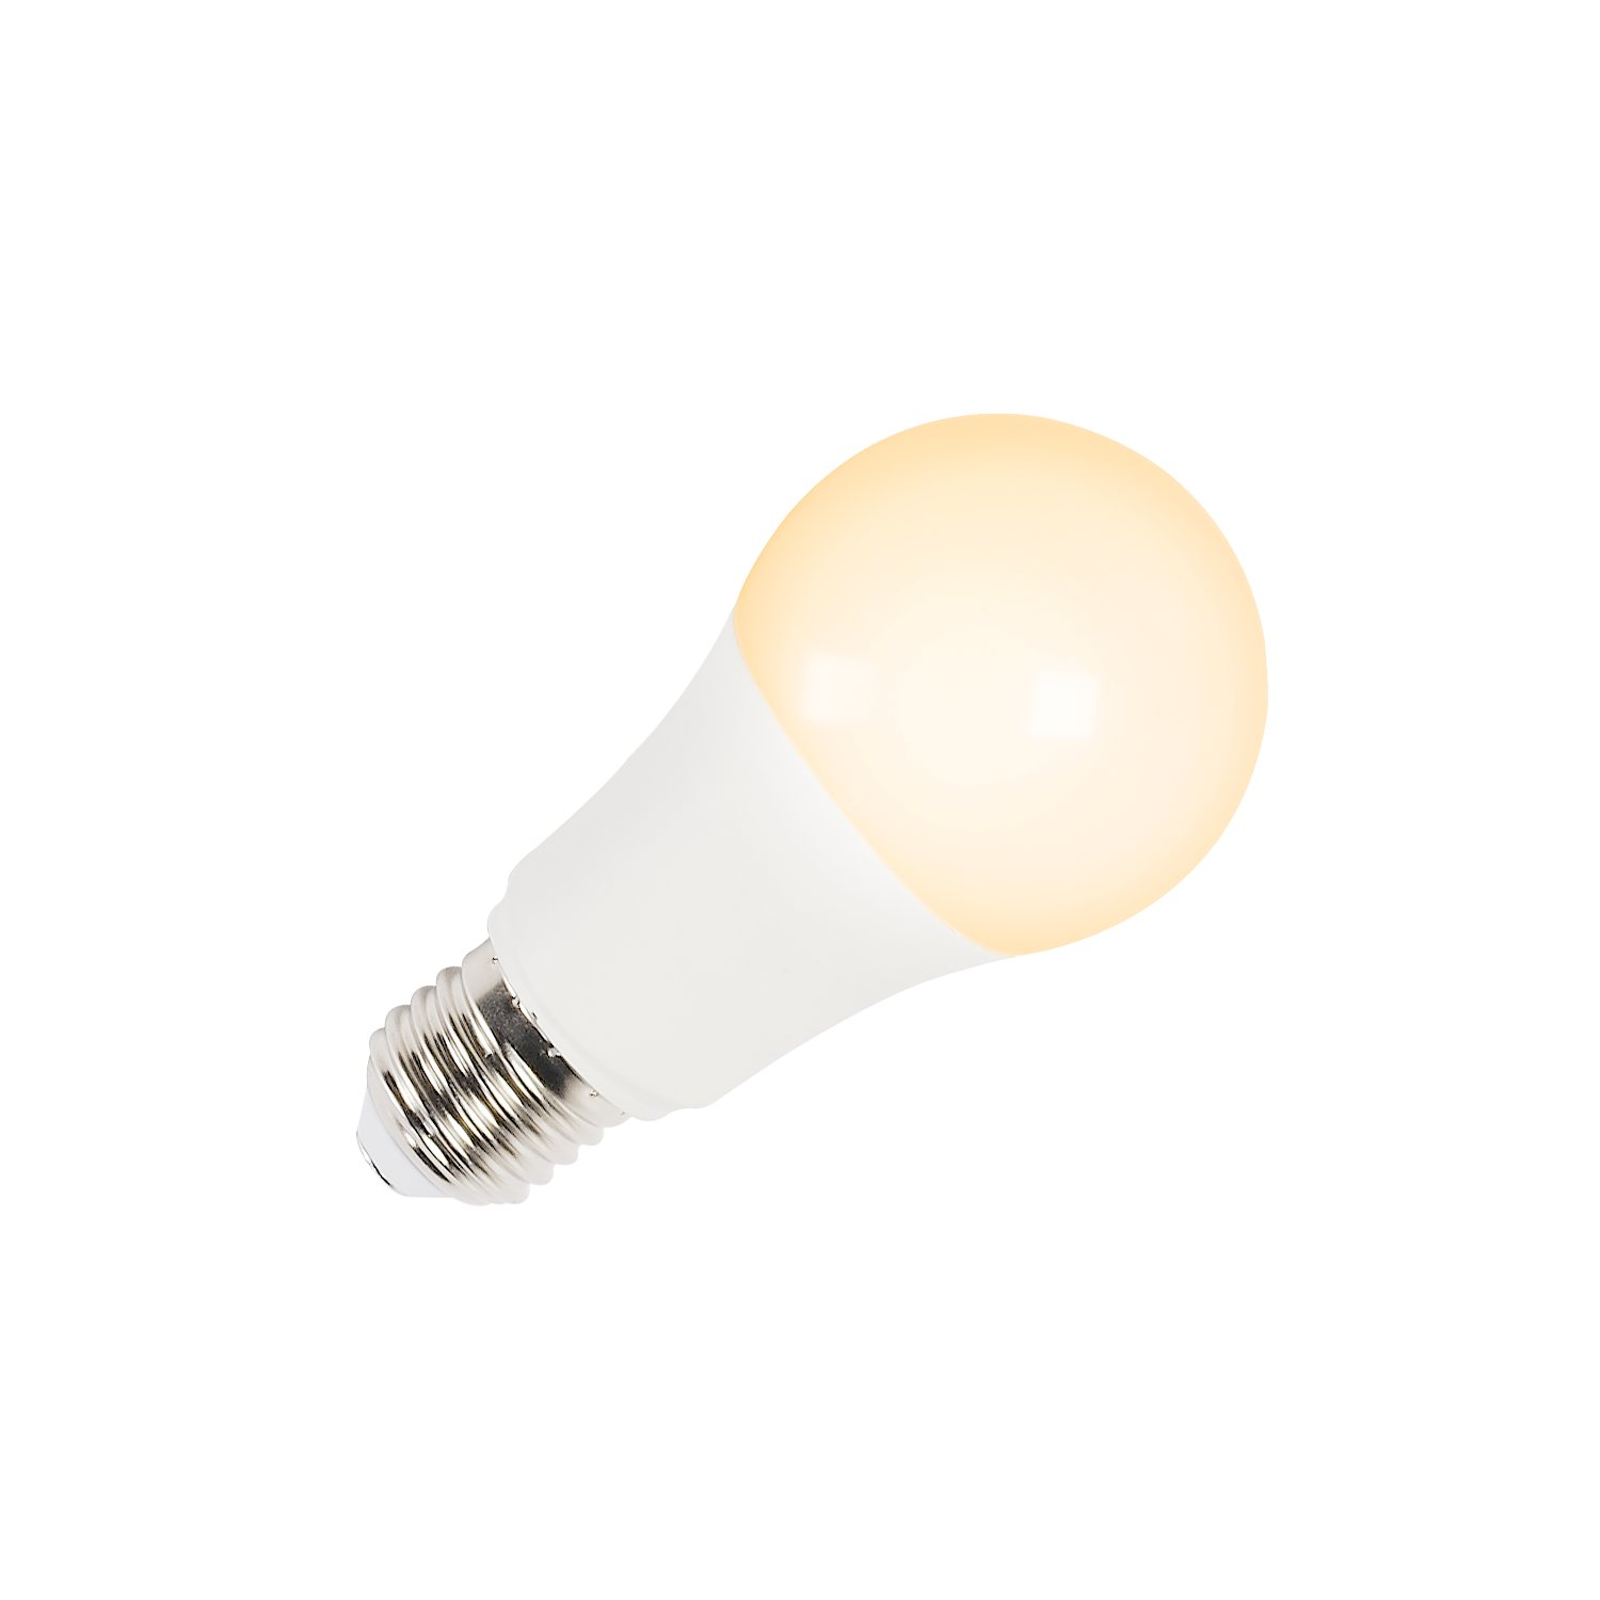 SLV VALETO żarówka LED E27 A60 2700-6500K 806lm